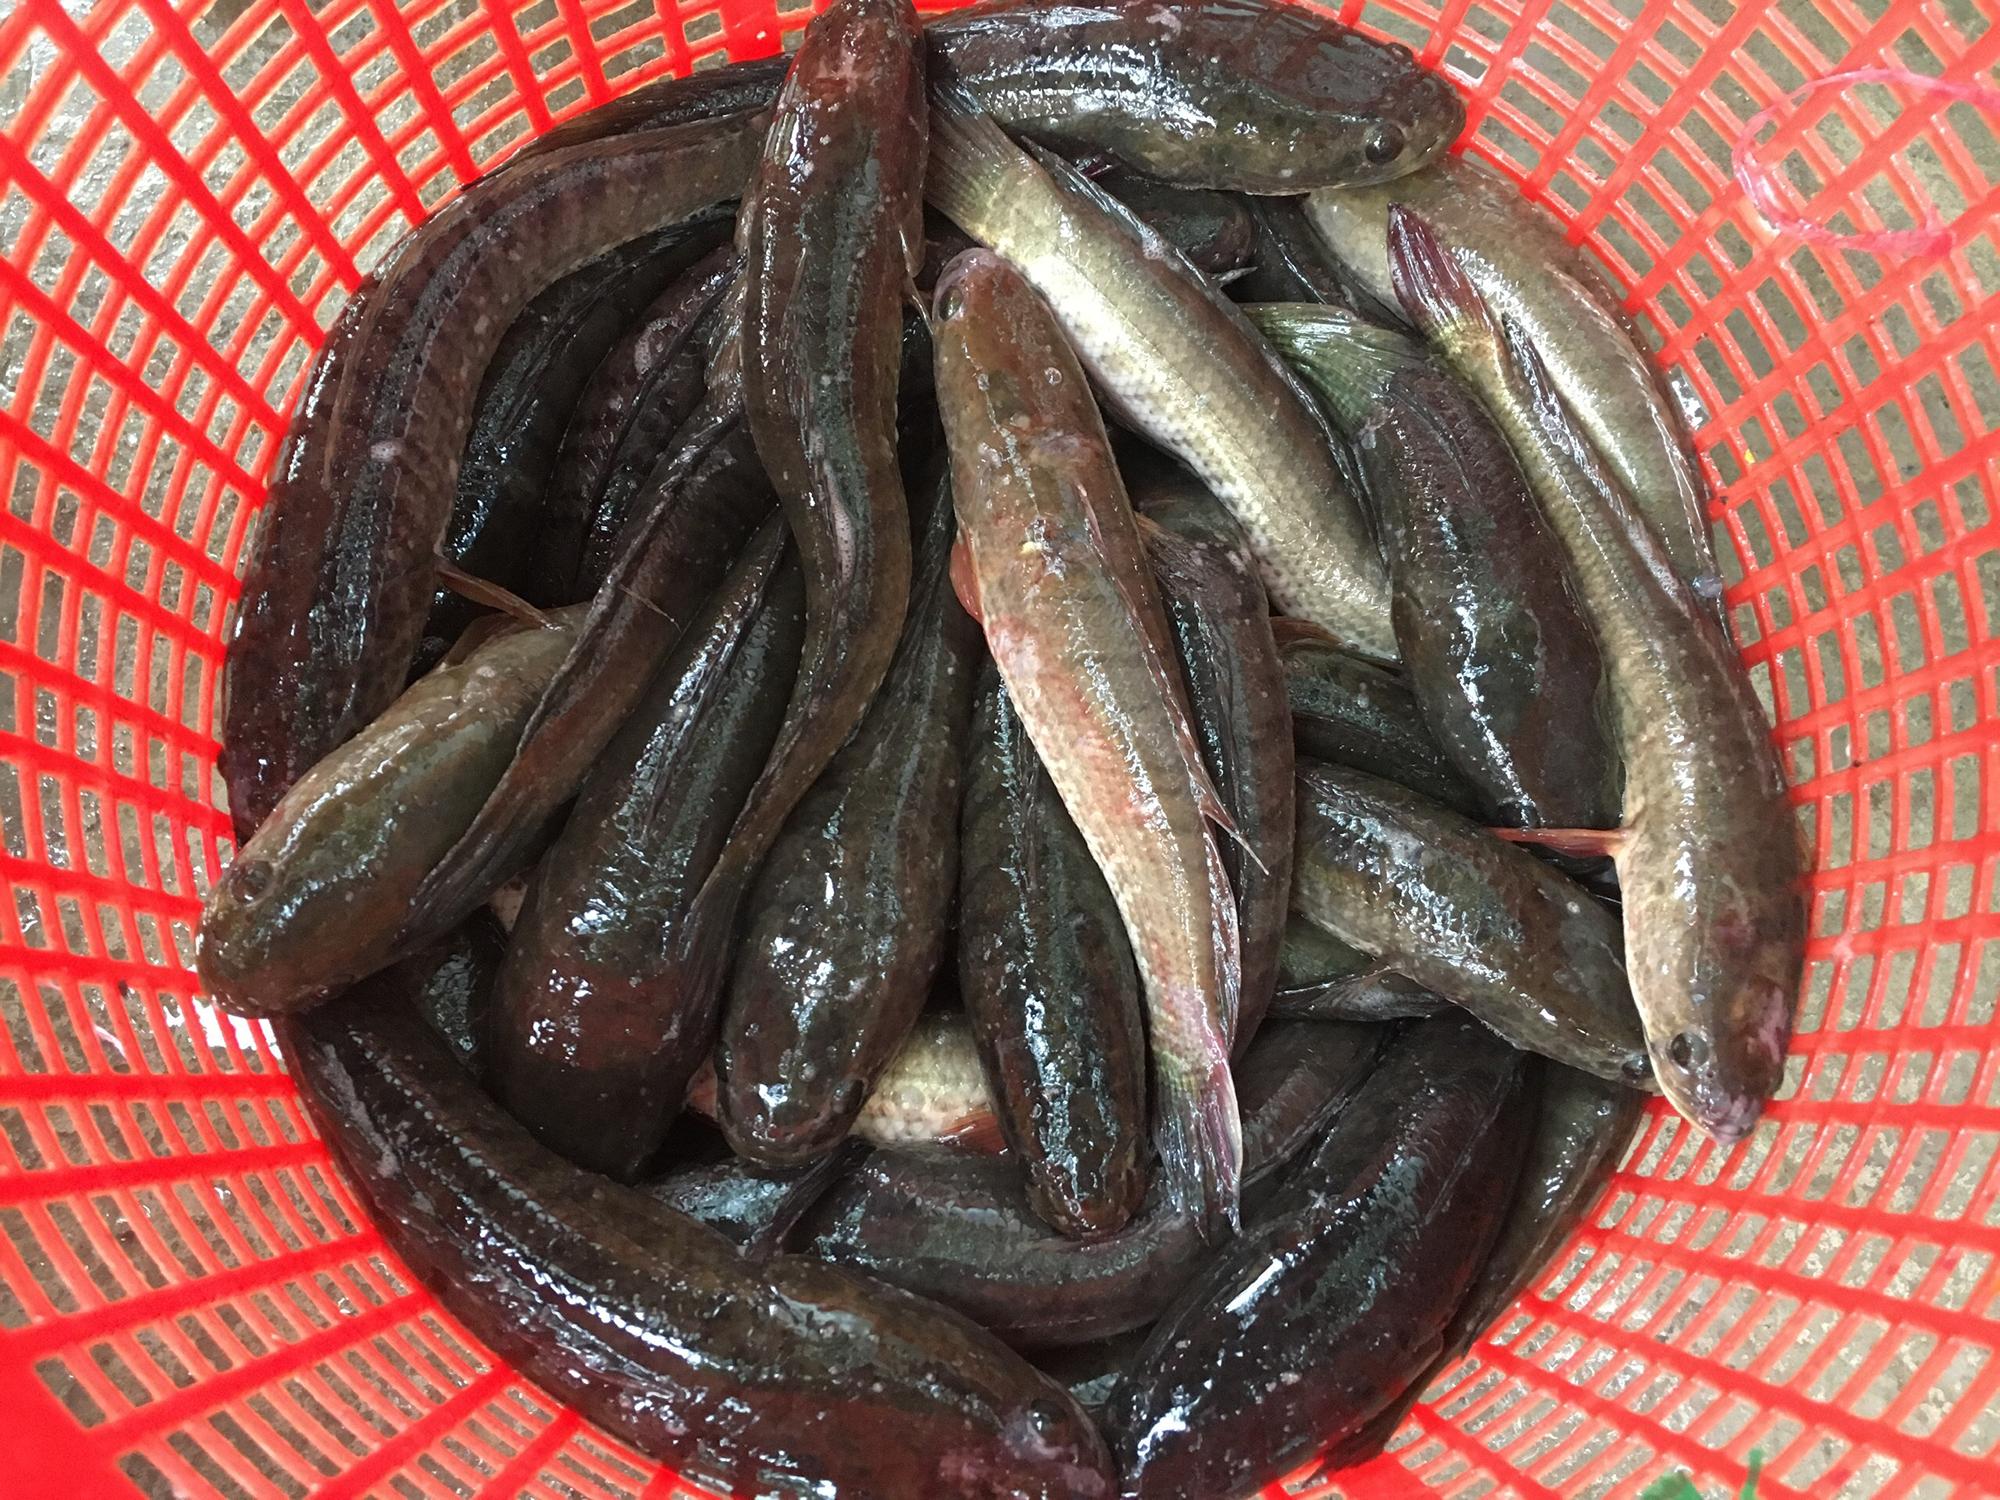 Cá lóc được nông dân huyện Hồng Ngự, tỉnh Đồng Tháp kéo lưới lên chuẩn bị đưa đi bán sau 6 tháng nuôi. Ảnh: Ngọc Tài